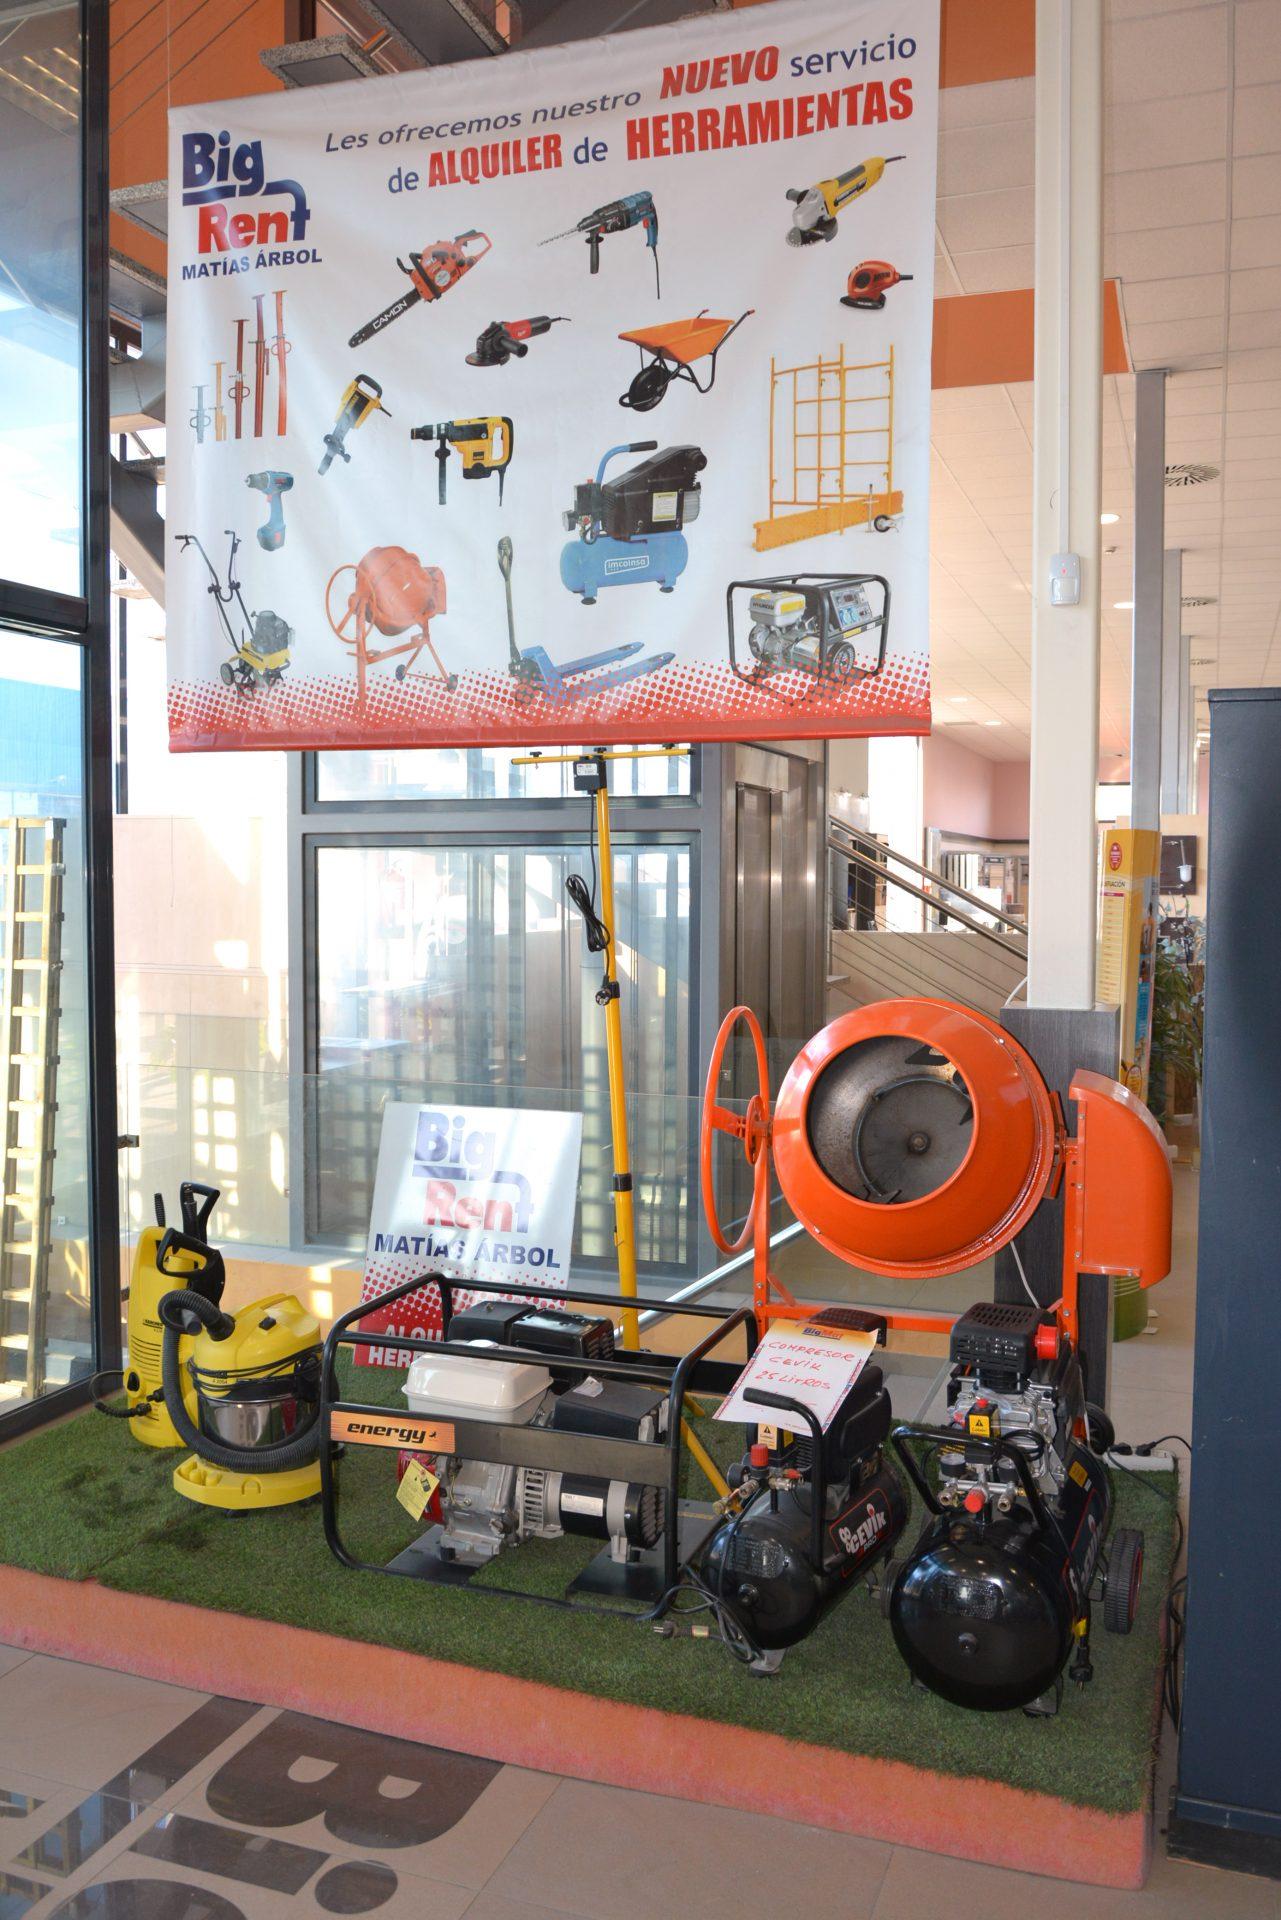 Alquiler de herramientas para construccion sevilla mat as rbol - Materiales de construccion sevilla ...